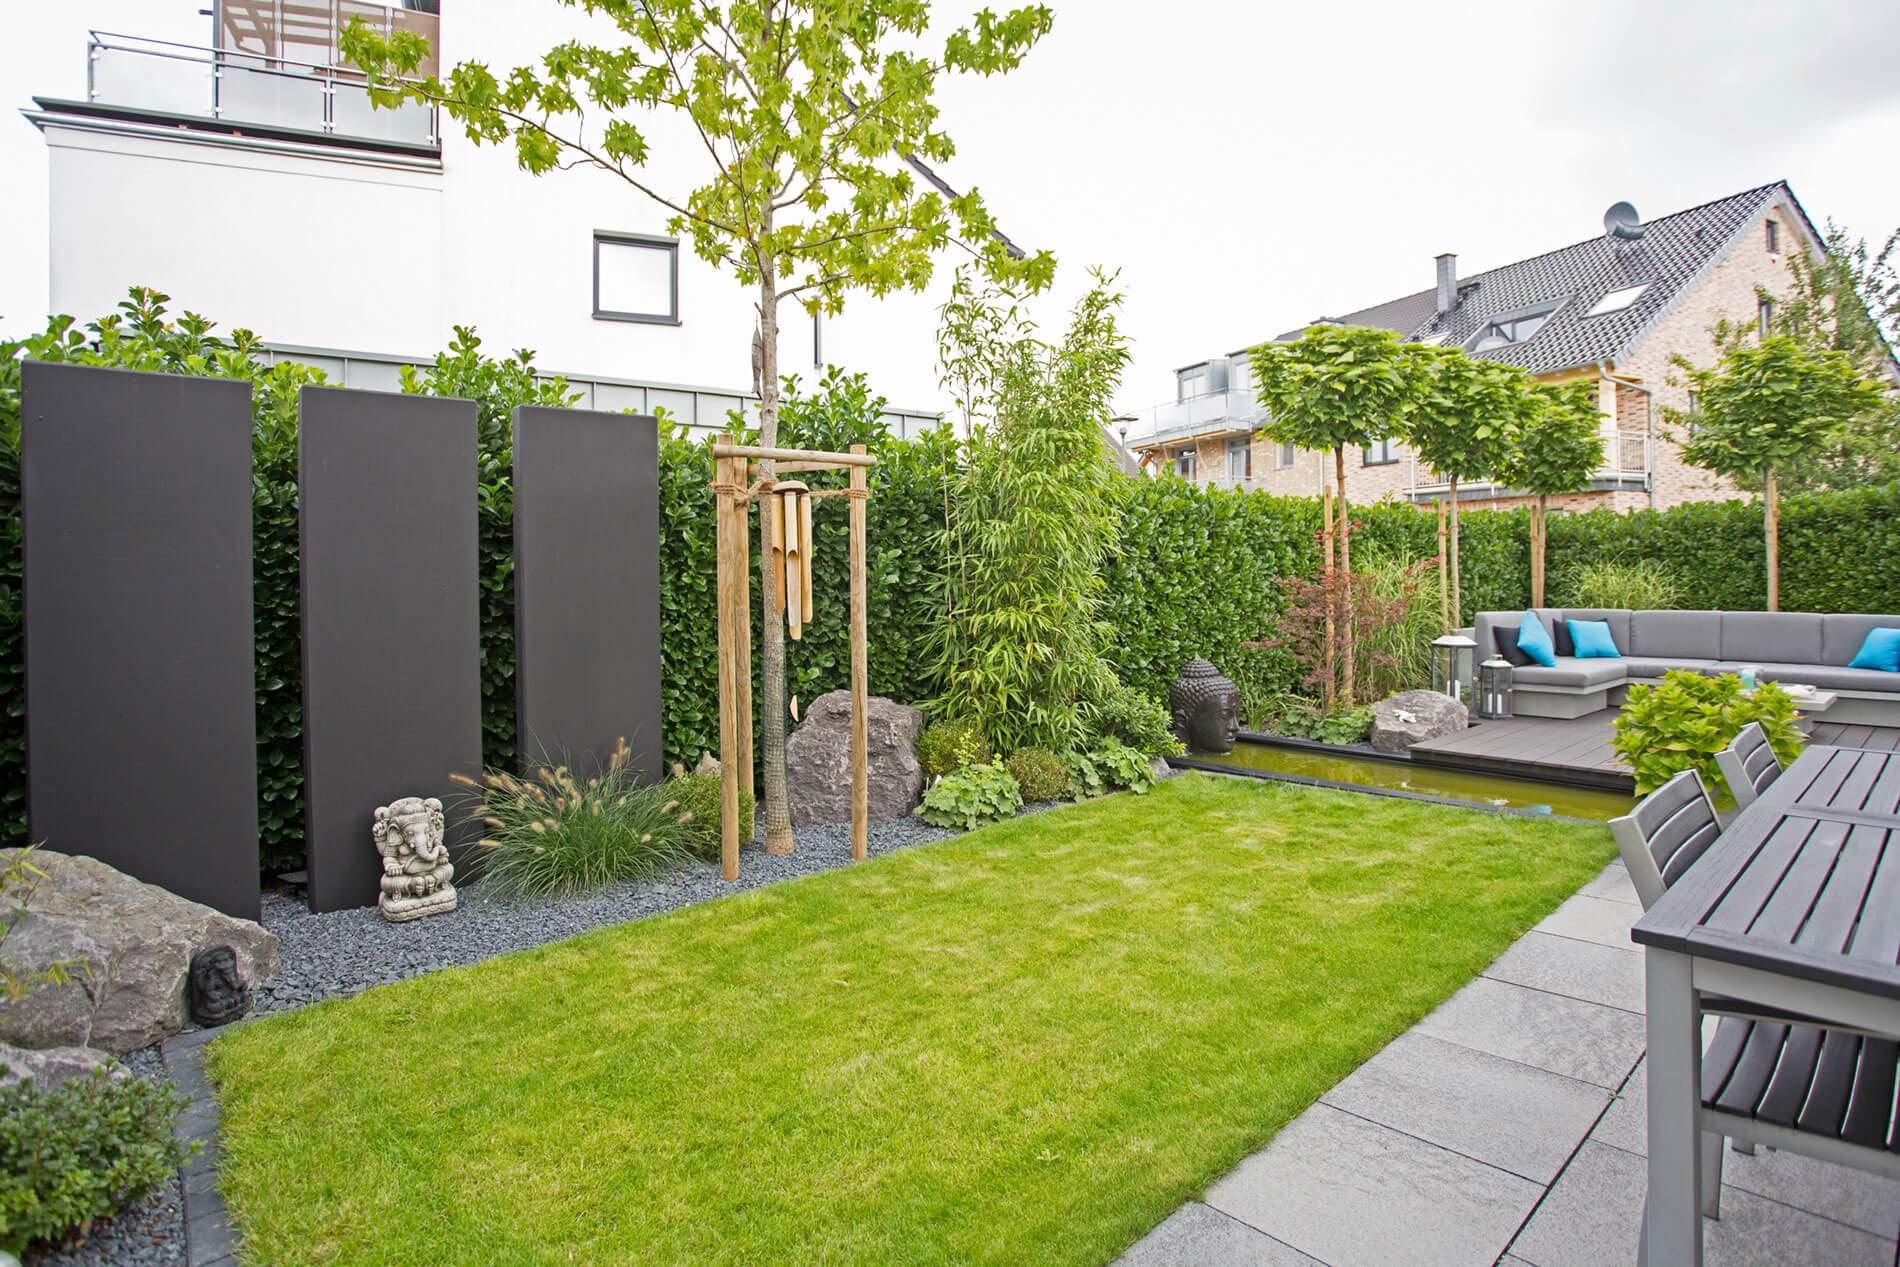 Lounge Ecke im Garten Sichtschutz aus Kirchlorbeer Hecke und monochromen Stelen